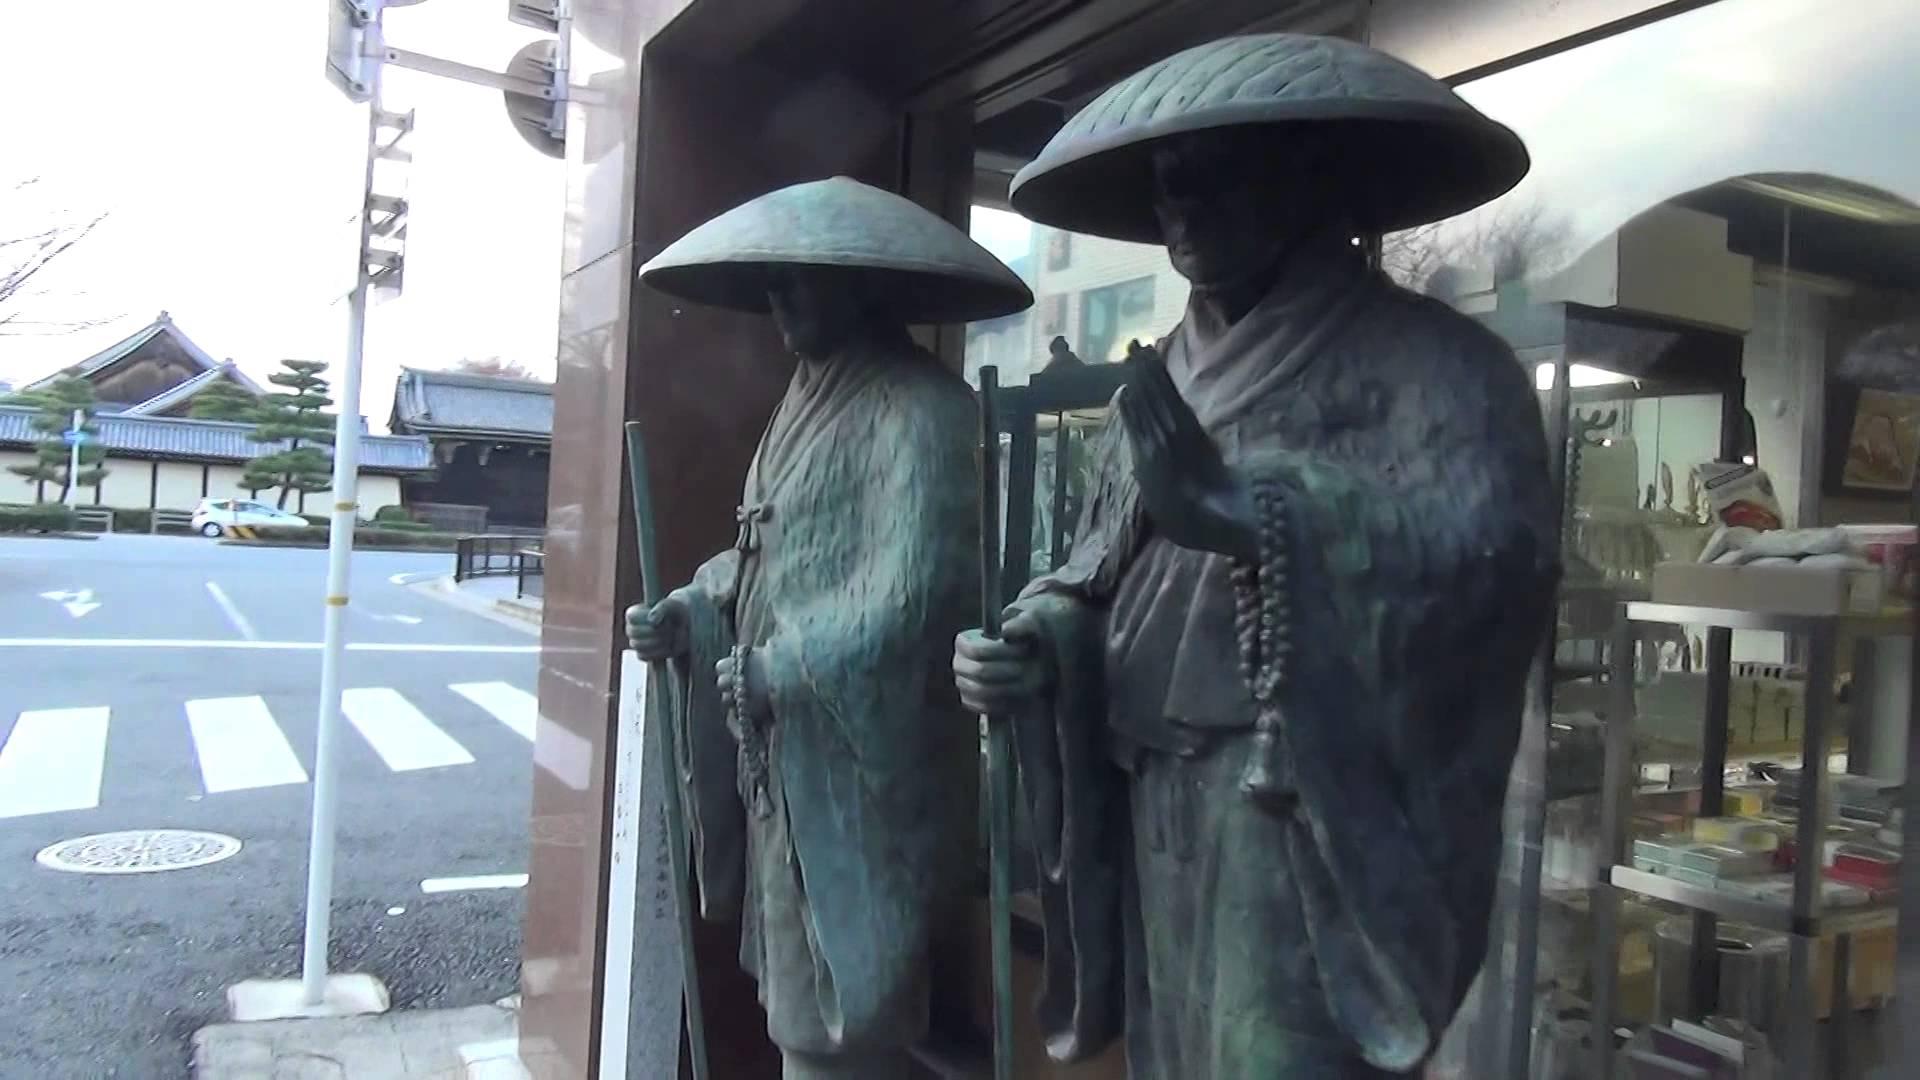 東本願寺編6 古風な仏壇・仏具商店街を行く